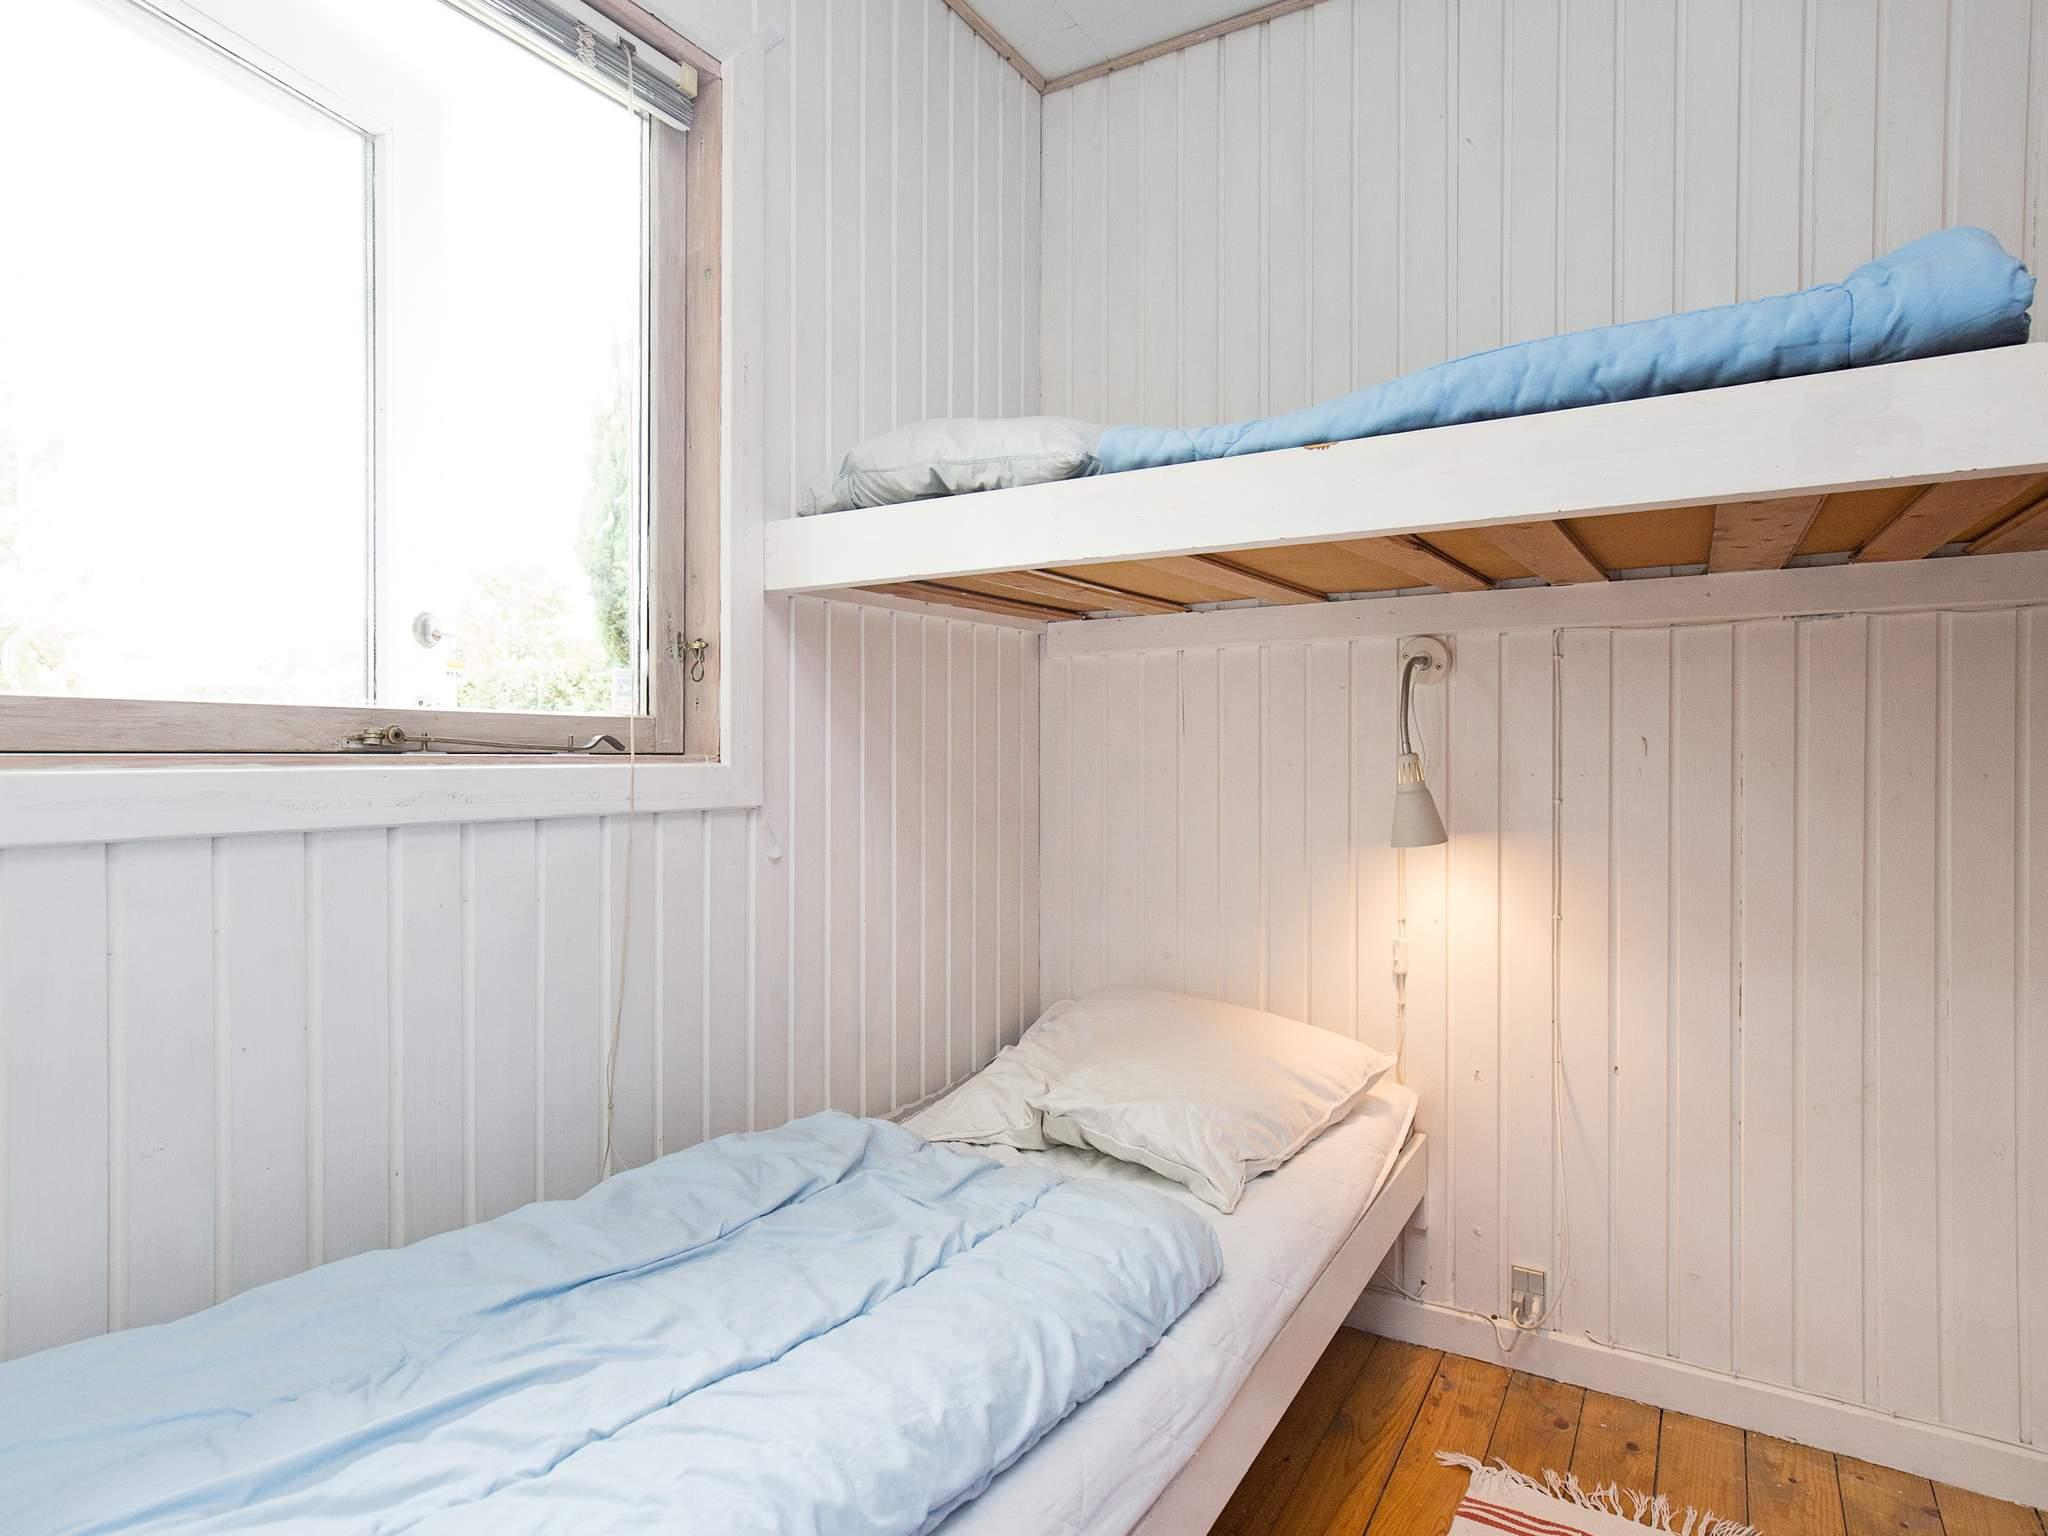 Ferienhaus Enø (85461), Karrebæksminde, , Südseeland, Dänemark, Bild 9